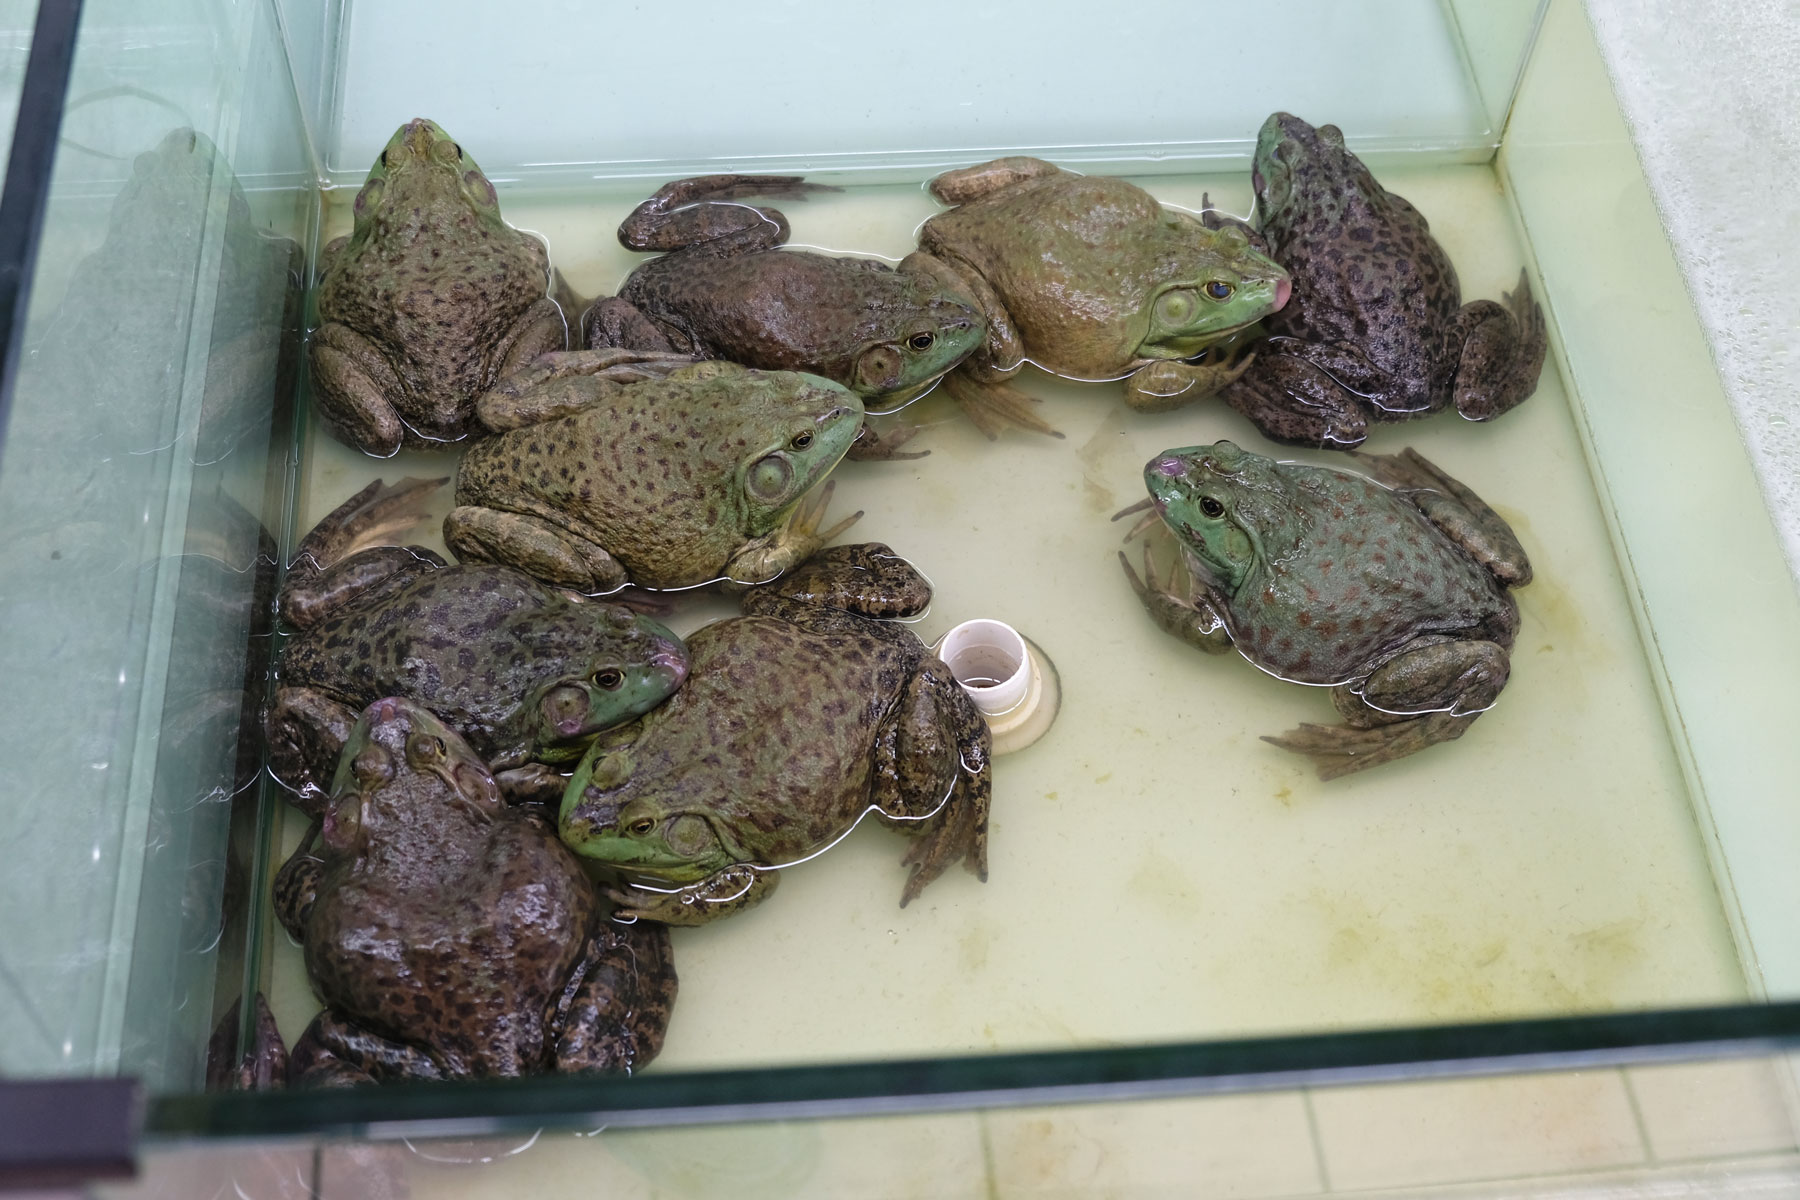 Kröten (und auch Schildkröten) werden in der Fleischabteilung großer Supermärkte verkauft. Wobei wir niemanden kennenlernen, der sagt, diese Tiere gerne zu essen.